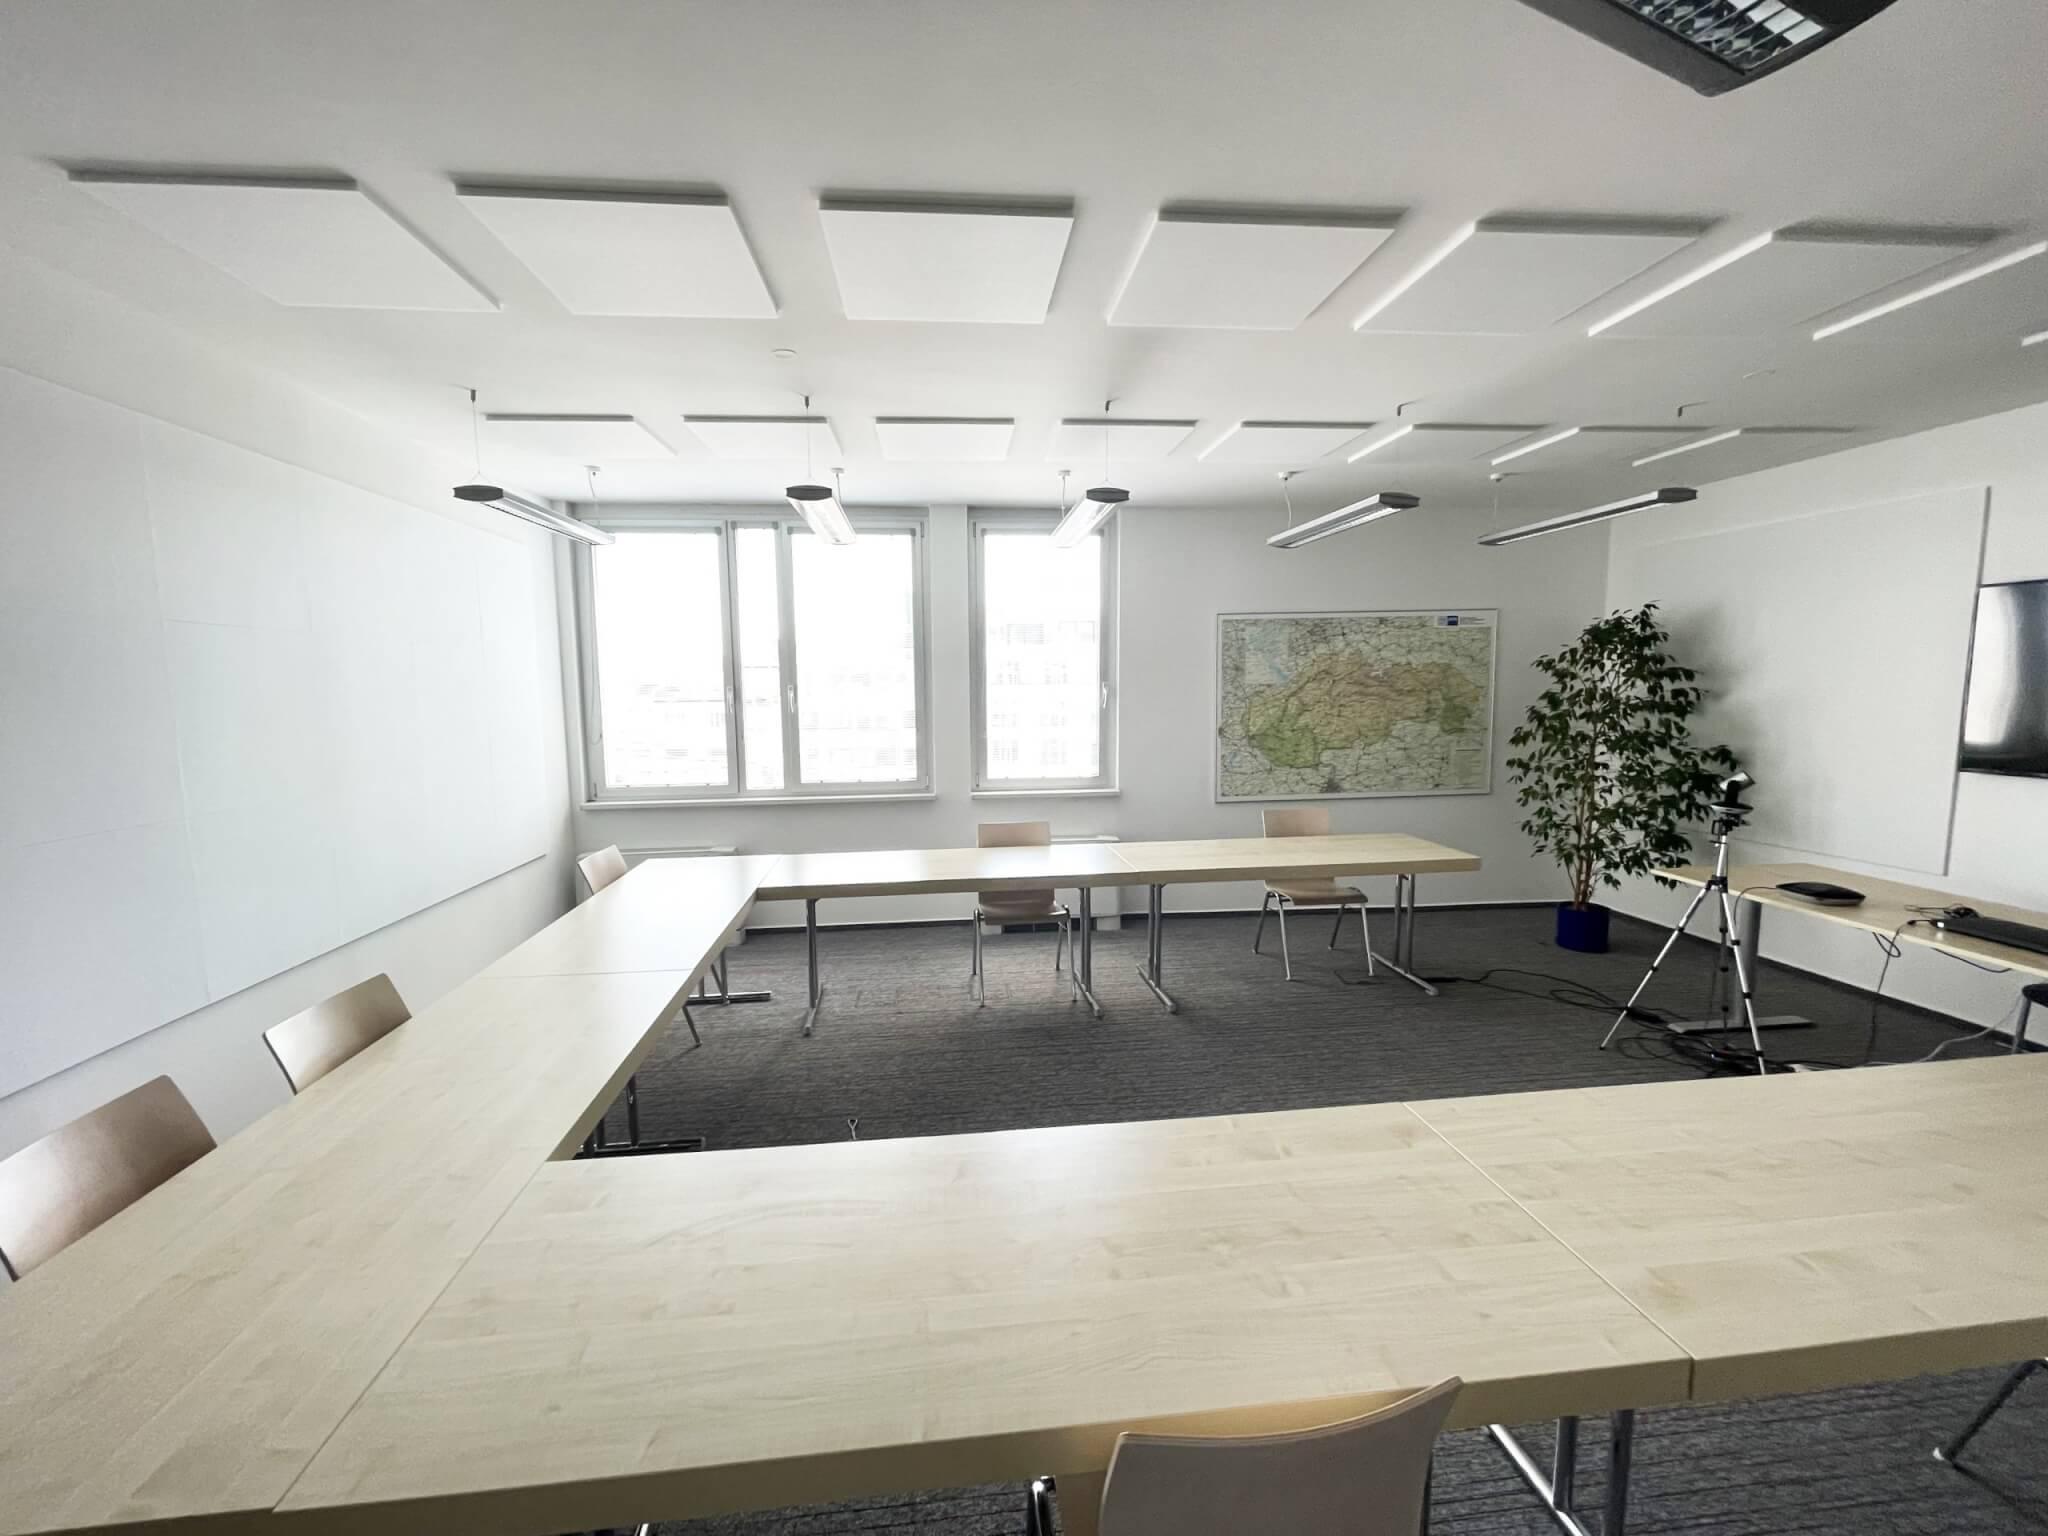 akusticka-uprava-miestnosti-mediatech